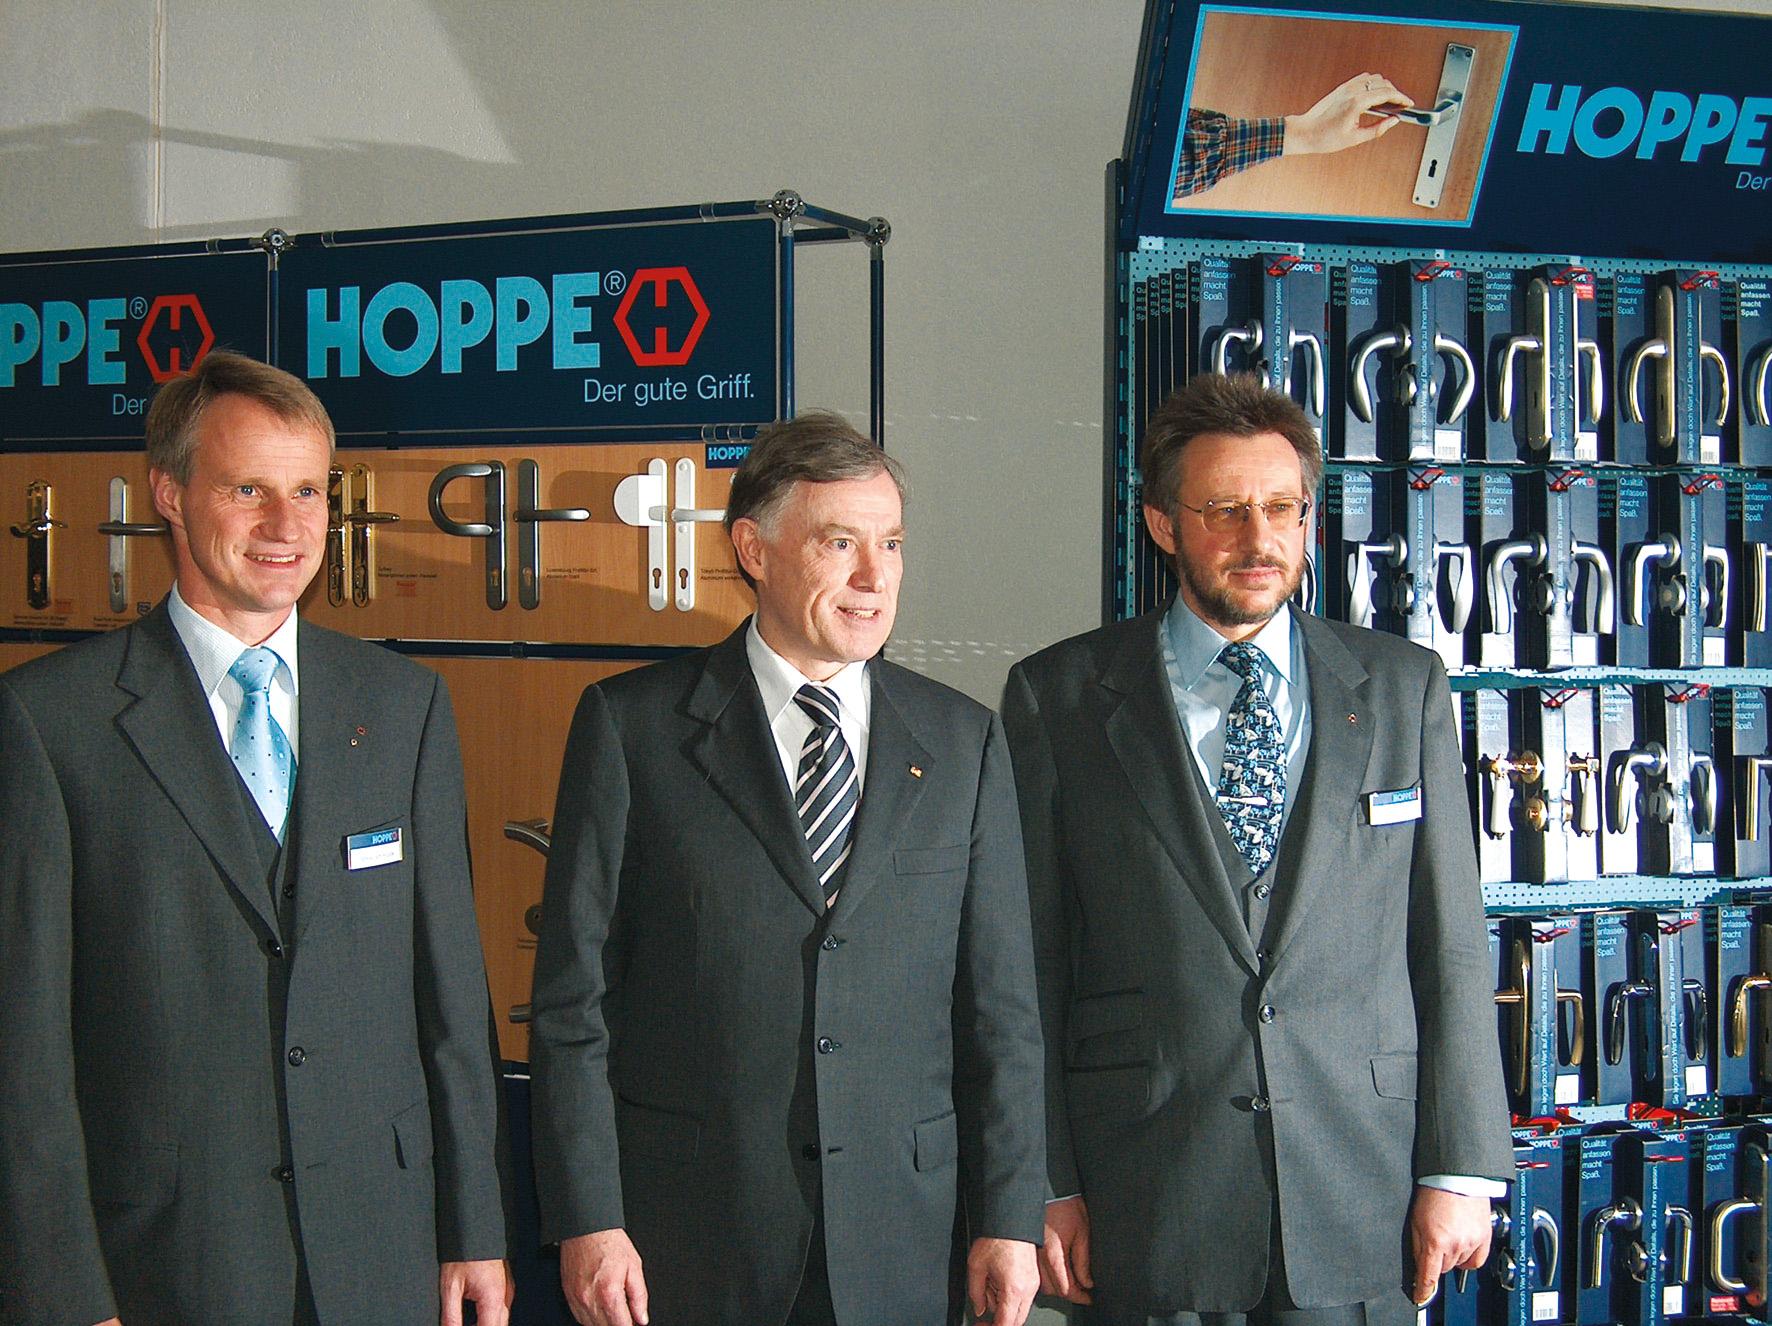 2005 年12 月 9 日:前联邦总统克勒(中)访问克罗滕多夫的 HOPPE 好博集团工厂